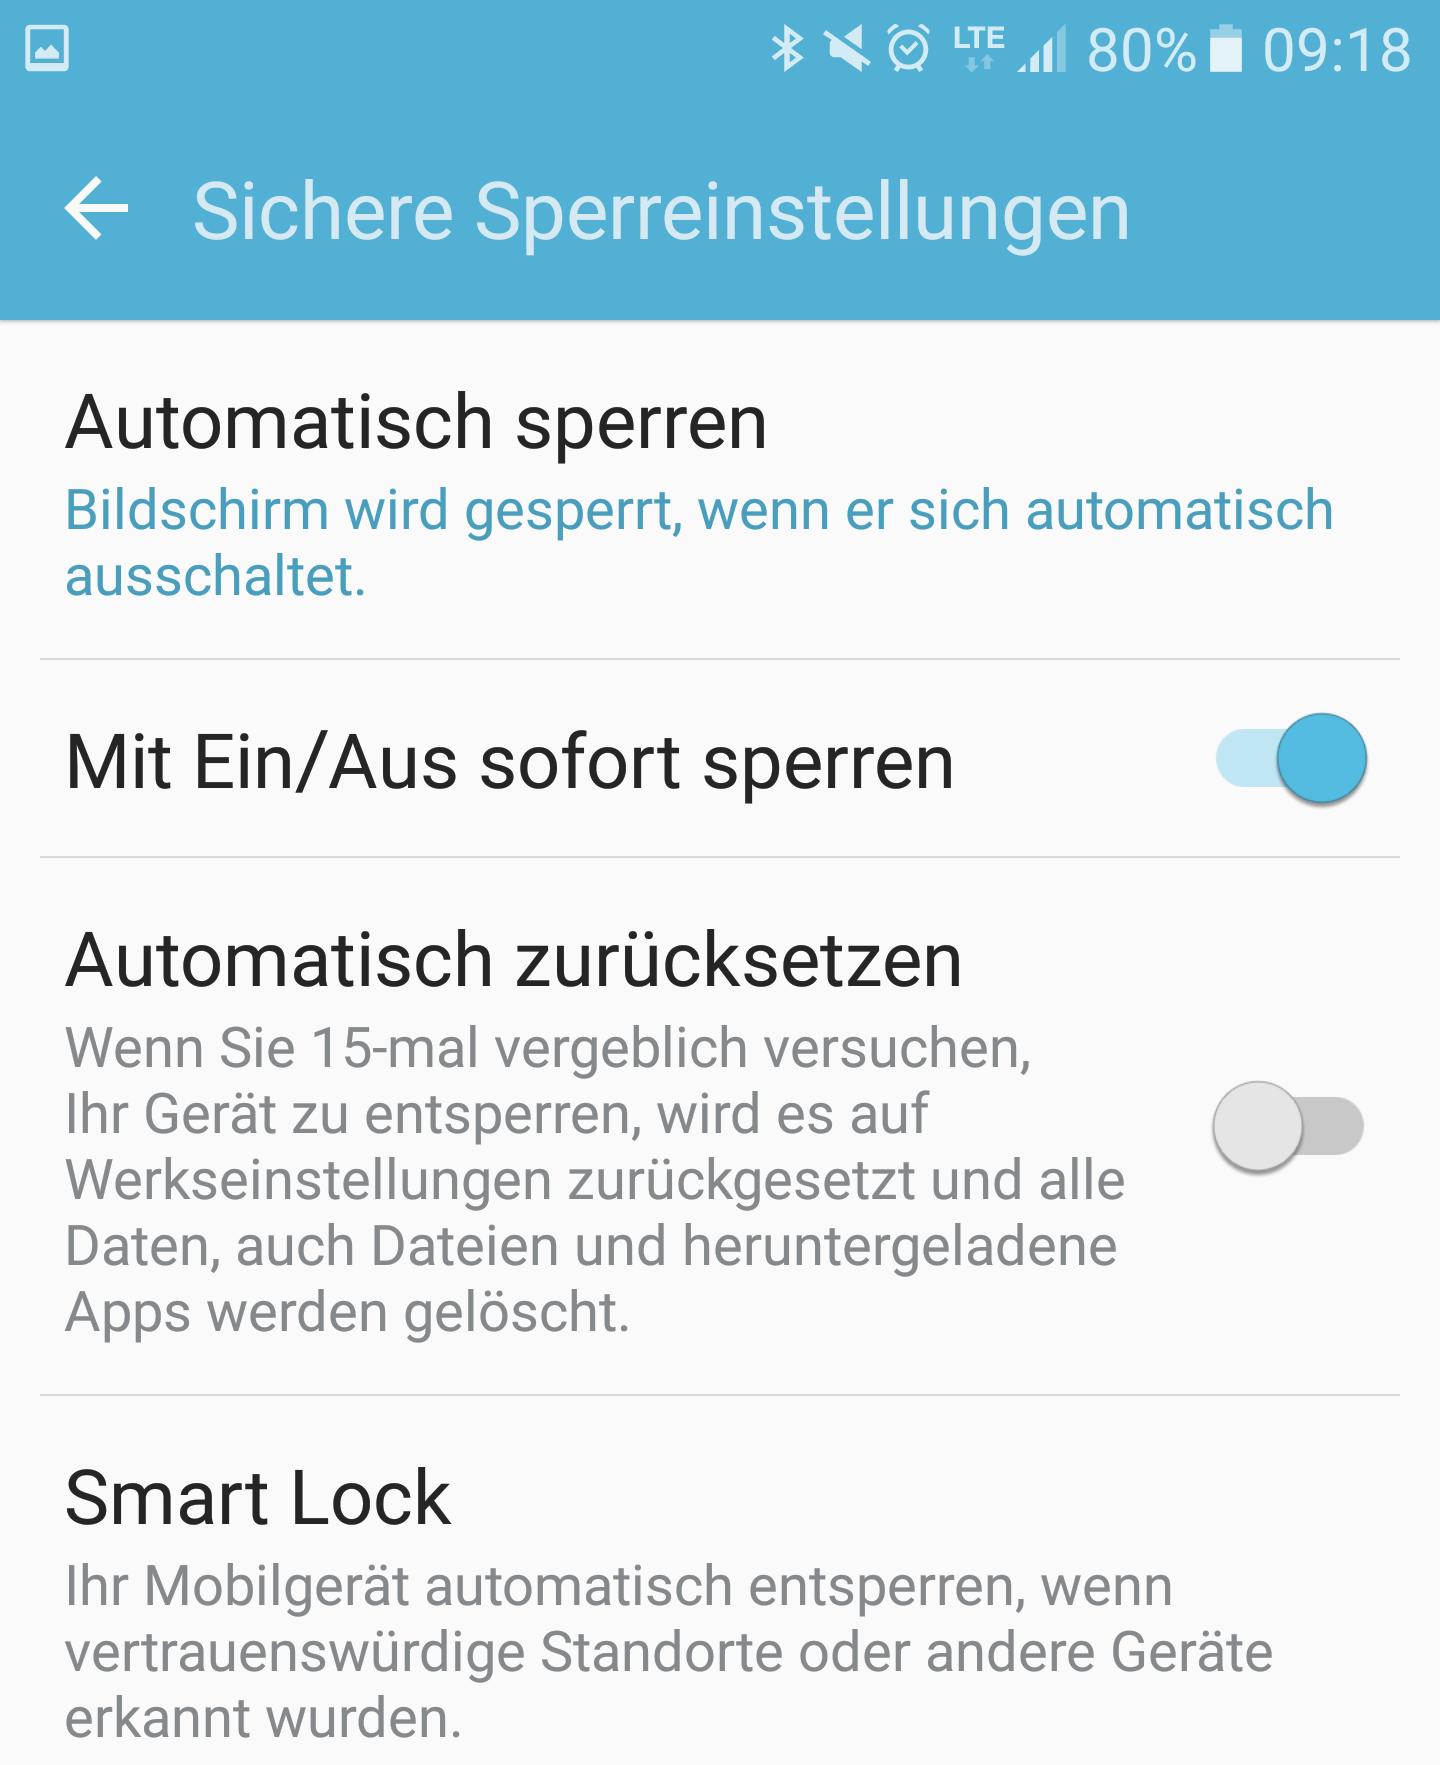 Sichere Sperreinstellungen - Smart Lock